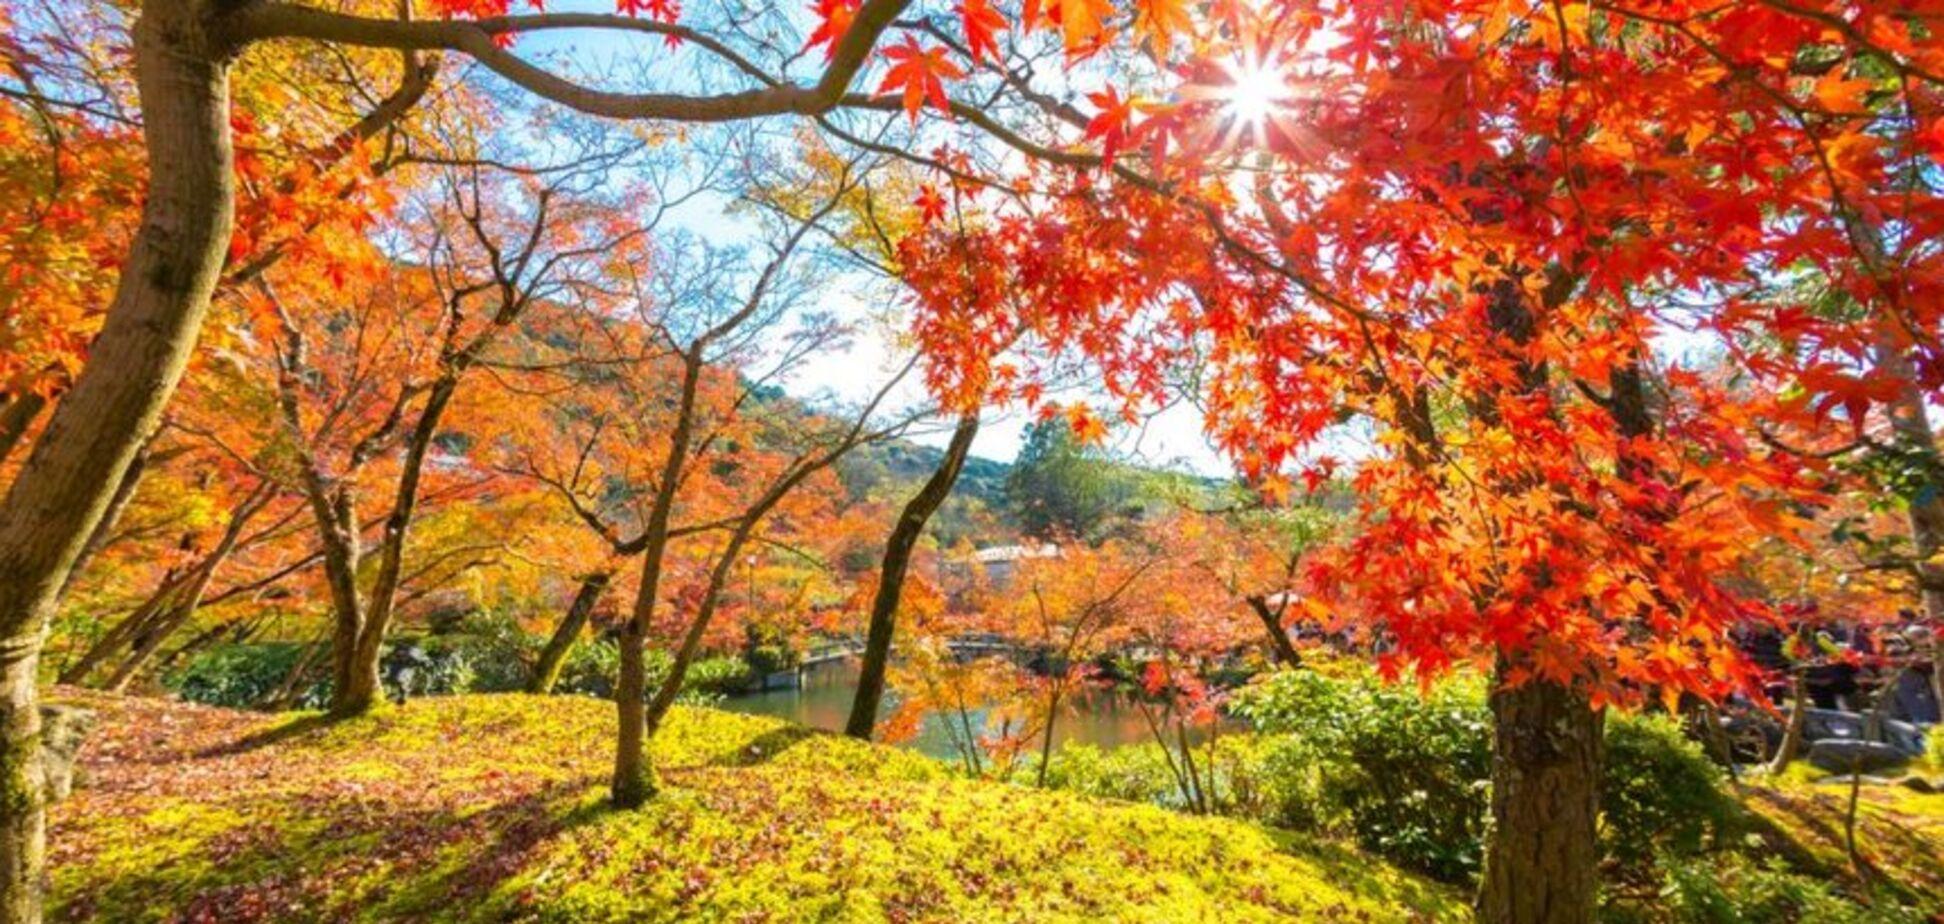 Аномальное тепло: синоптики изменили прогноз погоды на ноябрь